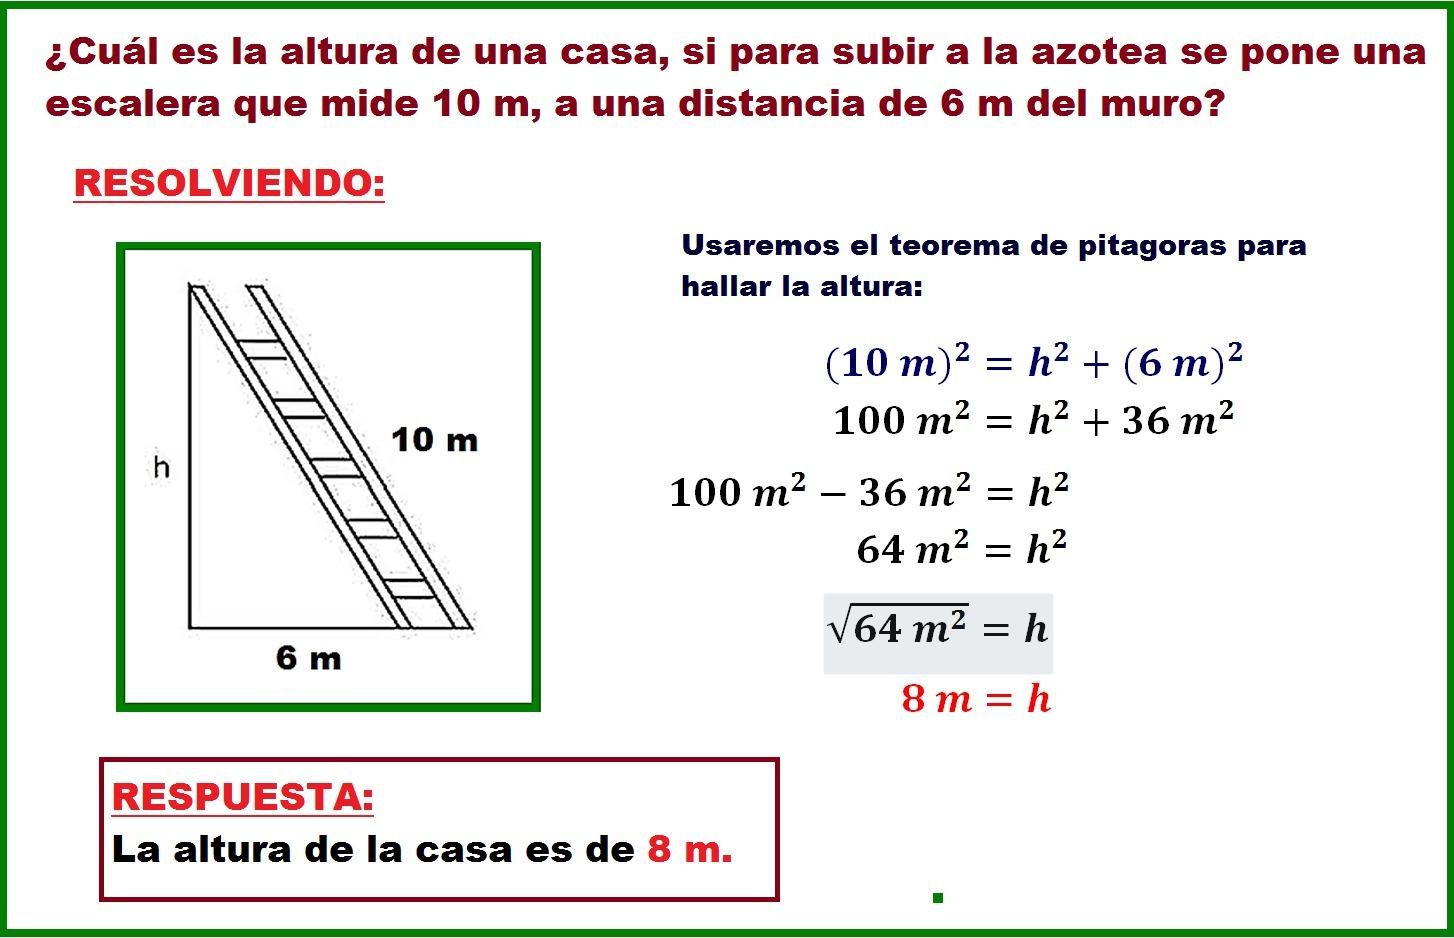 ayuda por favor¿cuál es la altura de una casa, si para subir a la